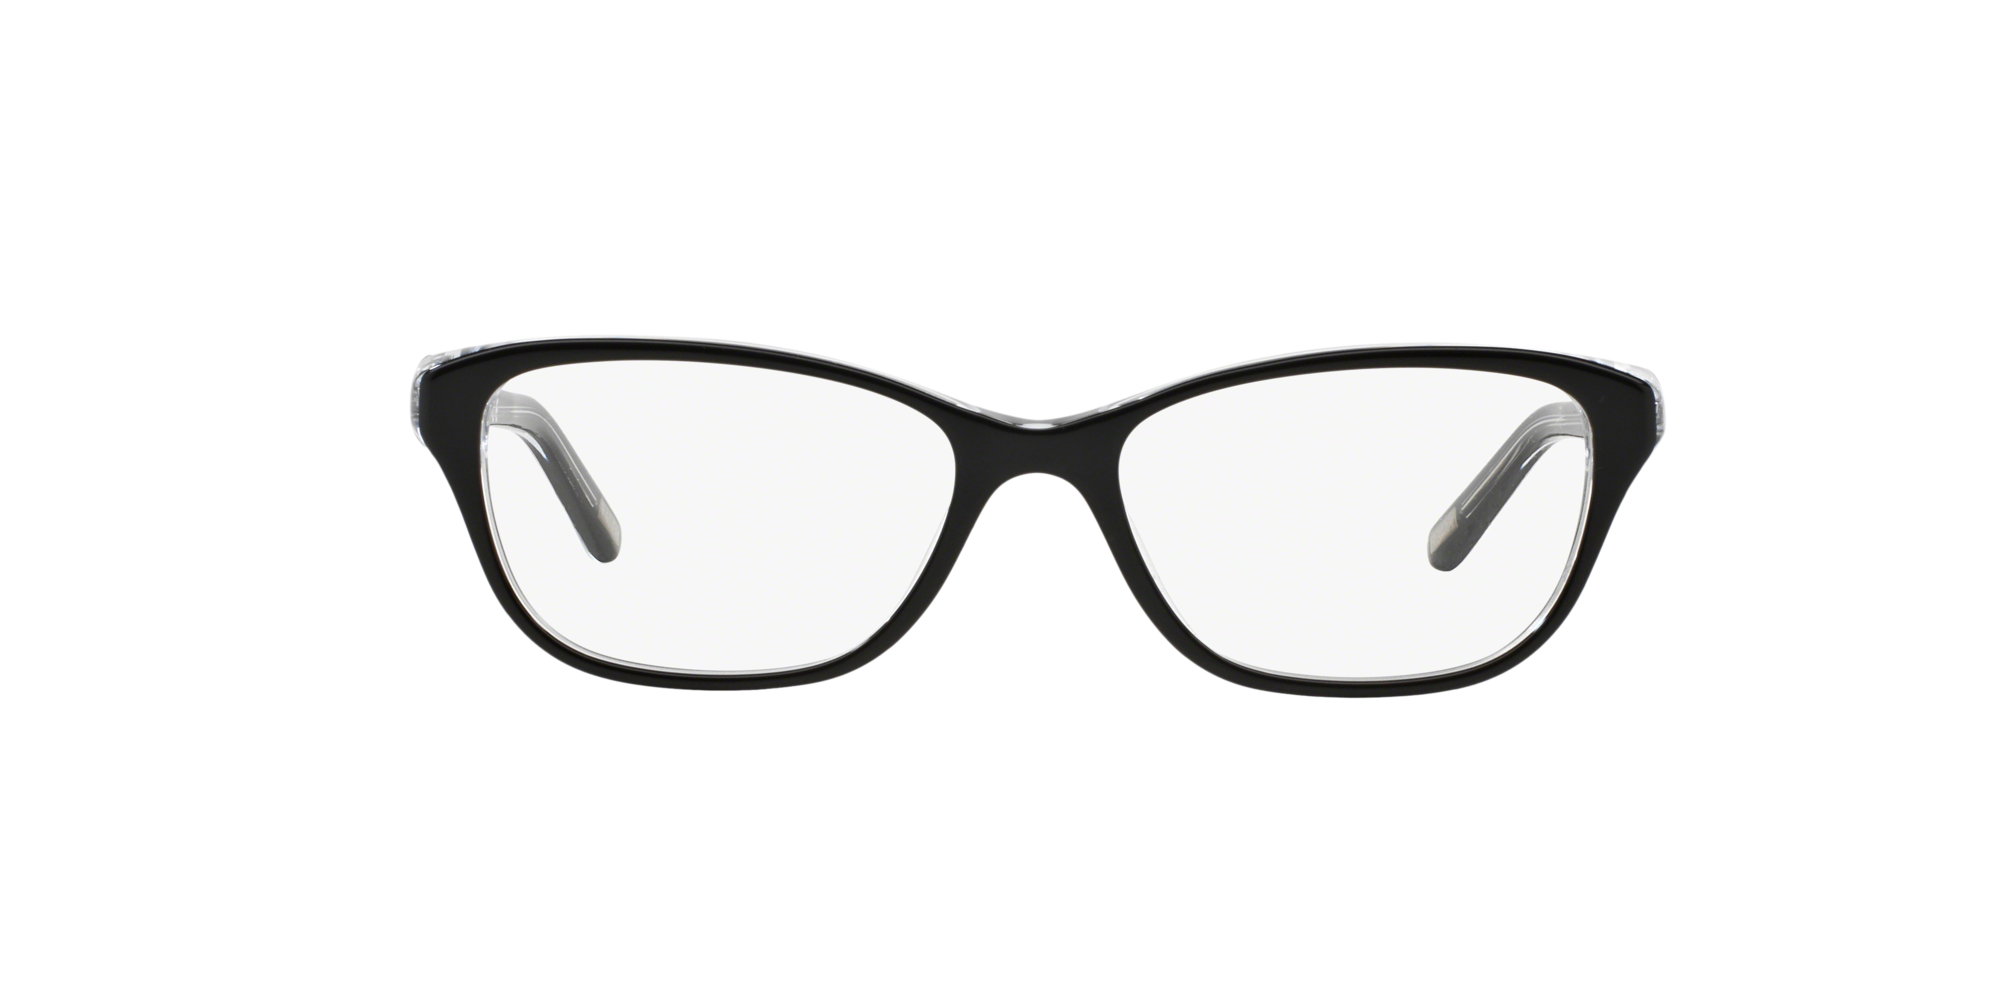 Imagen para RA7020 de LensCrafters |  Espejuelos, espejuelos graduados en línea, gafas